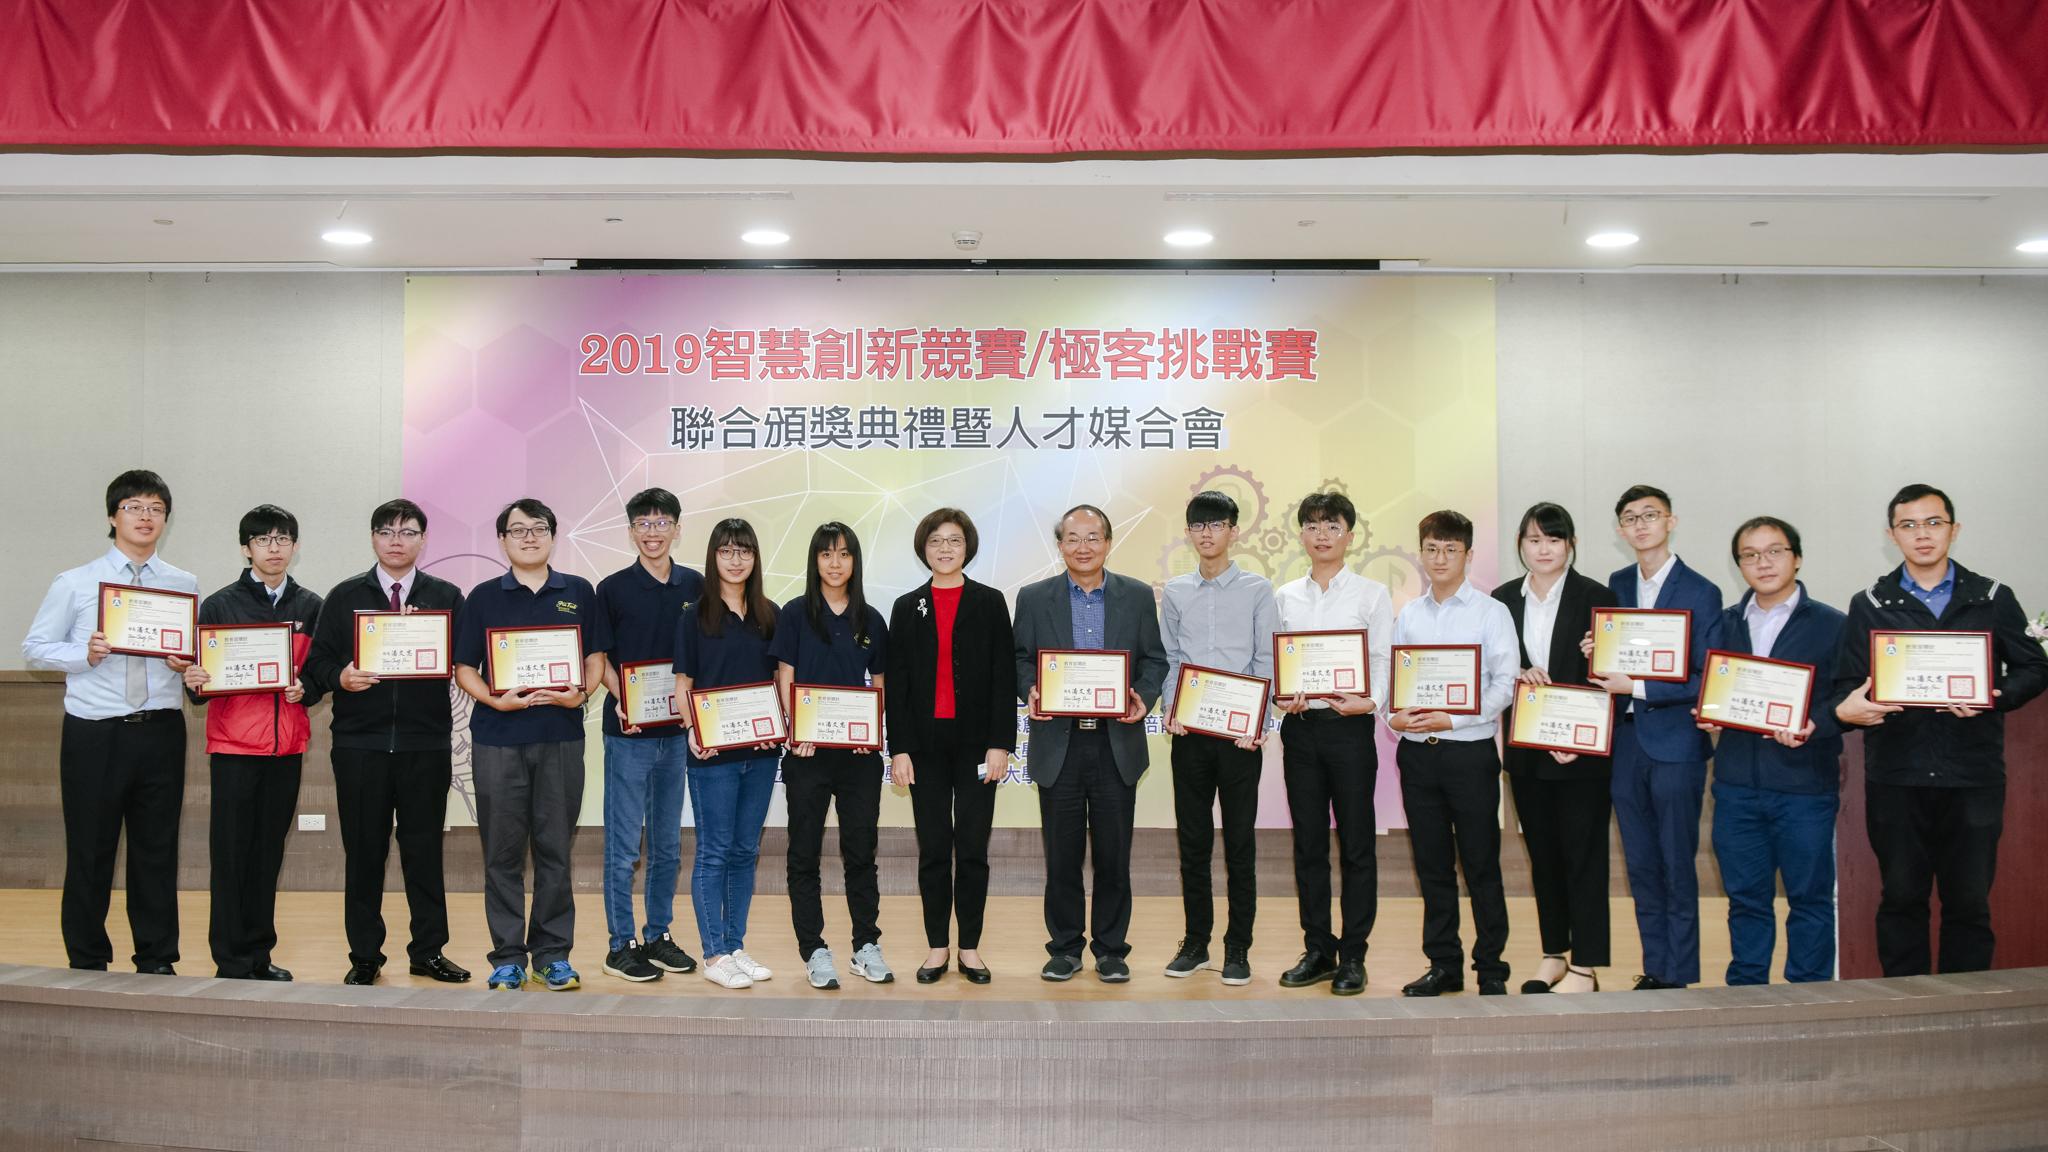 2019年全國大專校院智慧創新暨跨域整合創作競賽第一名團隊_大圖